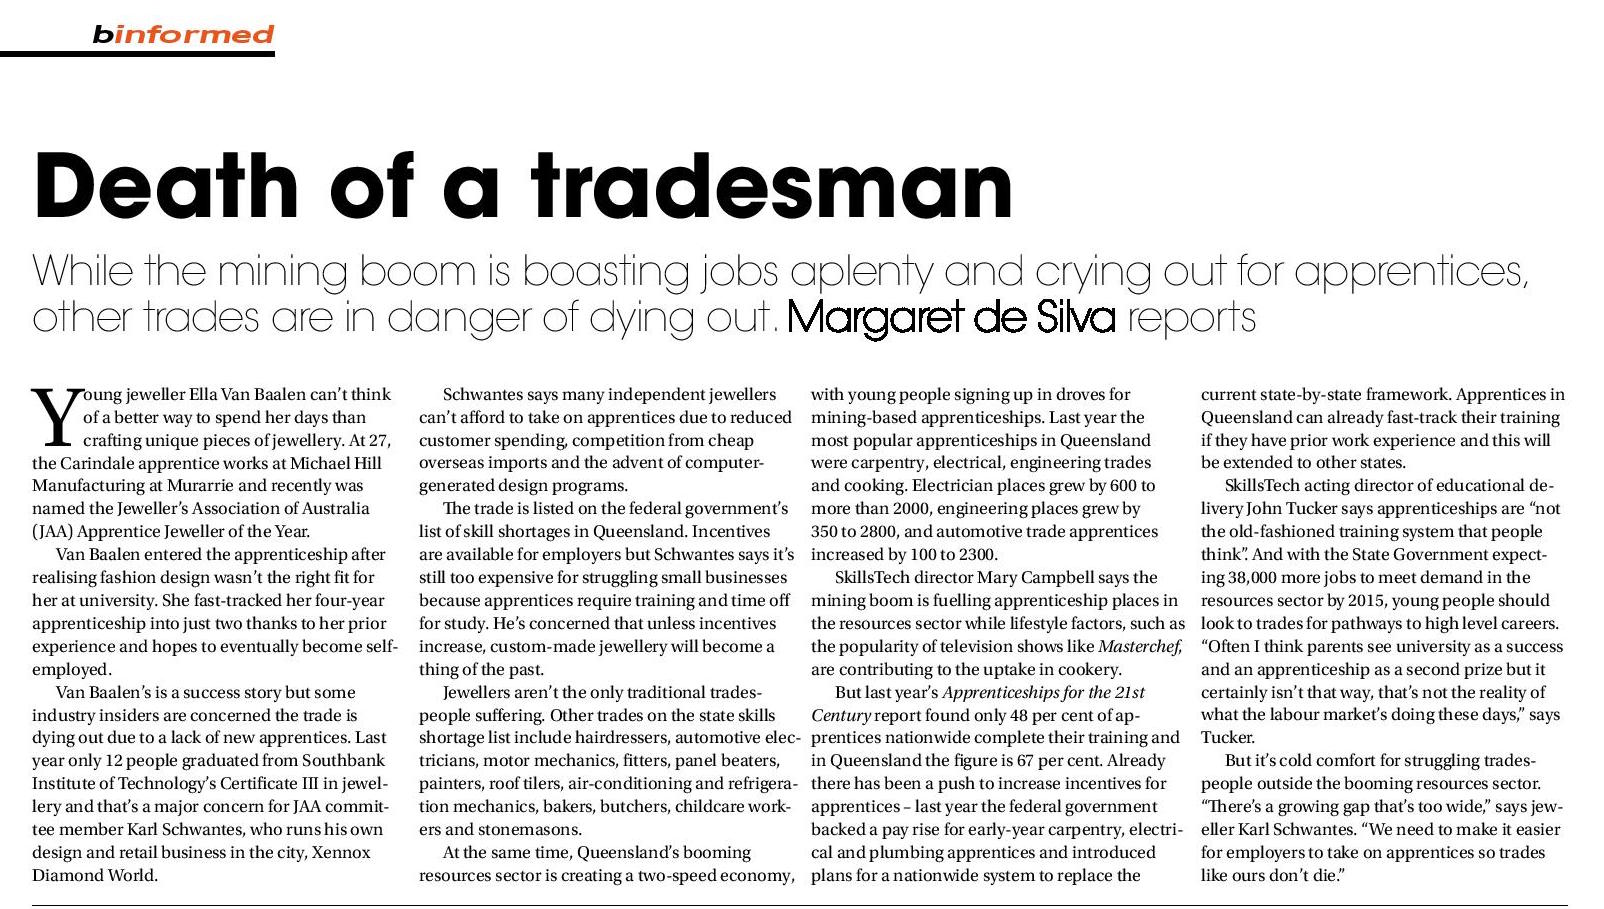 news — Margaret de Silva